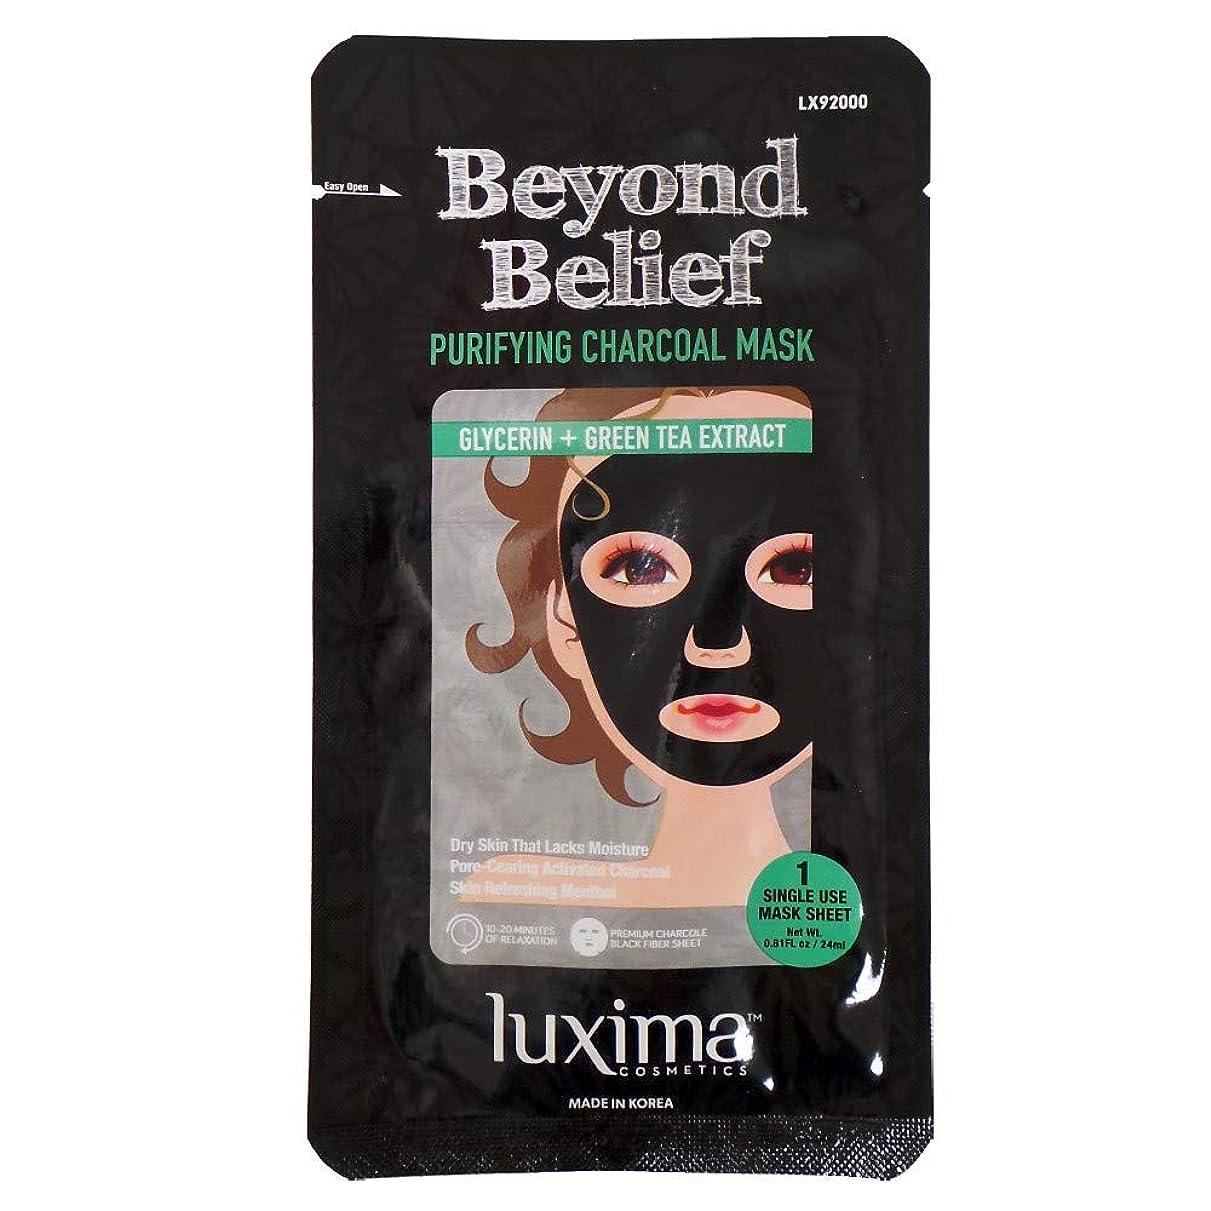 禁止する胚ペチュランス(3 Pack) LUXIMA Beyond Belief Purifying Charcoal Mask (並行輸入品)